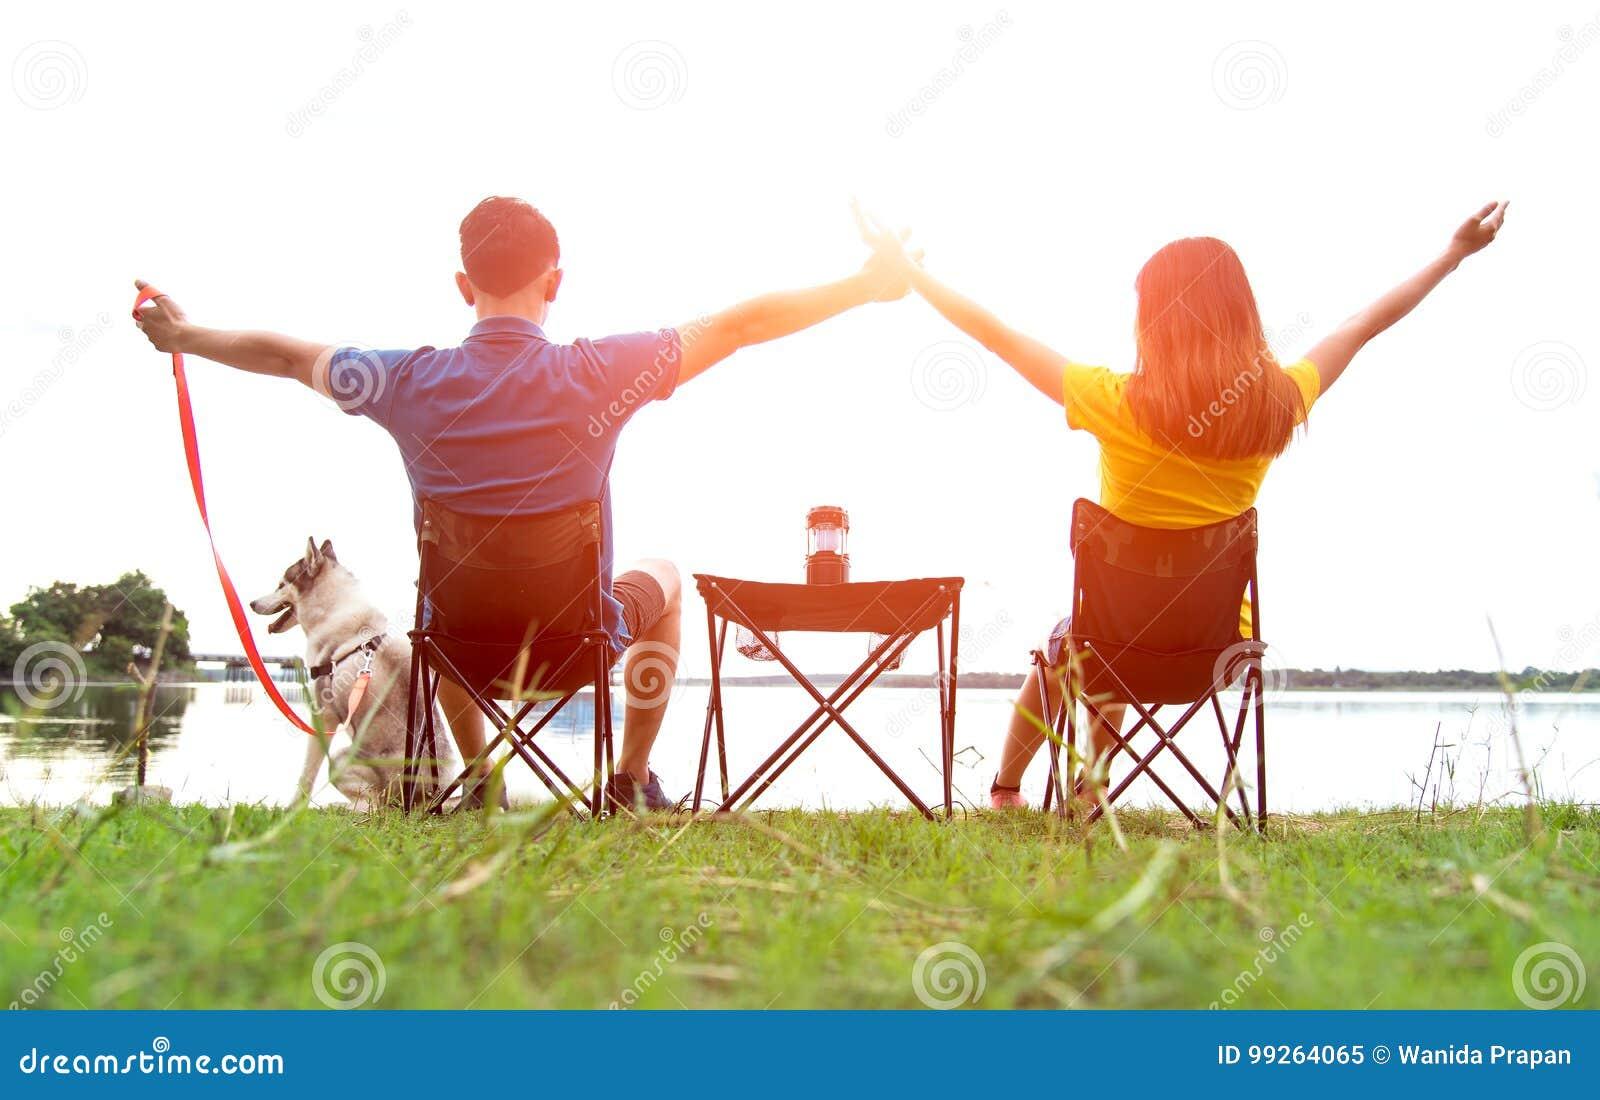 Couplez se reposer au camp brûlant avec votre chien près de la rivière sur le coucher du soleil, ainsi appréciez et jour ensoleil